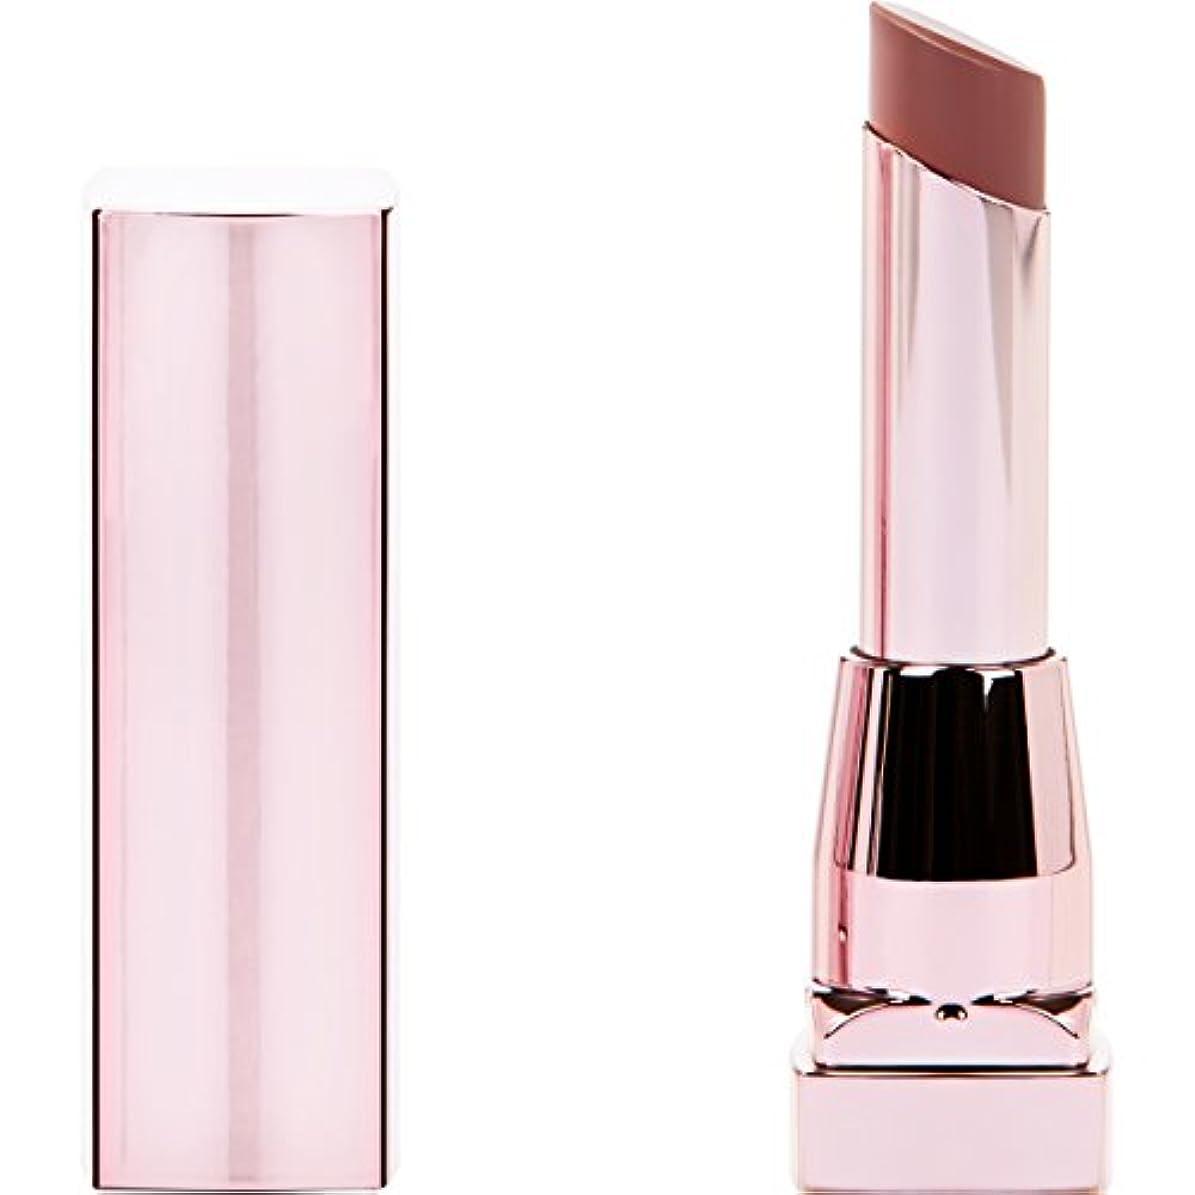 状本質的ではない誰でもMAYBELLINE Color Sensational Shine Compulsion Lipstick - Spicy Mauve 065 (並行輸入品)